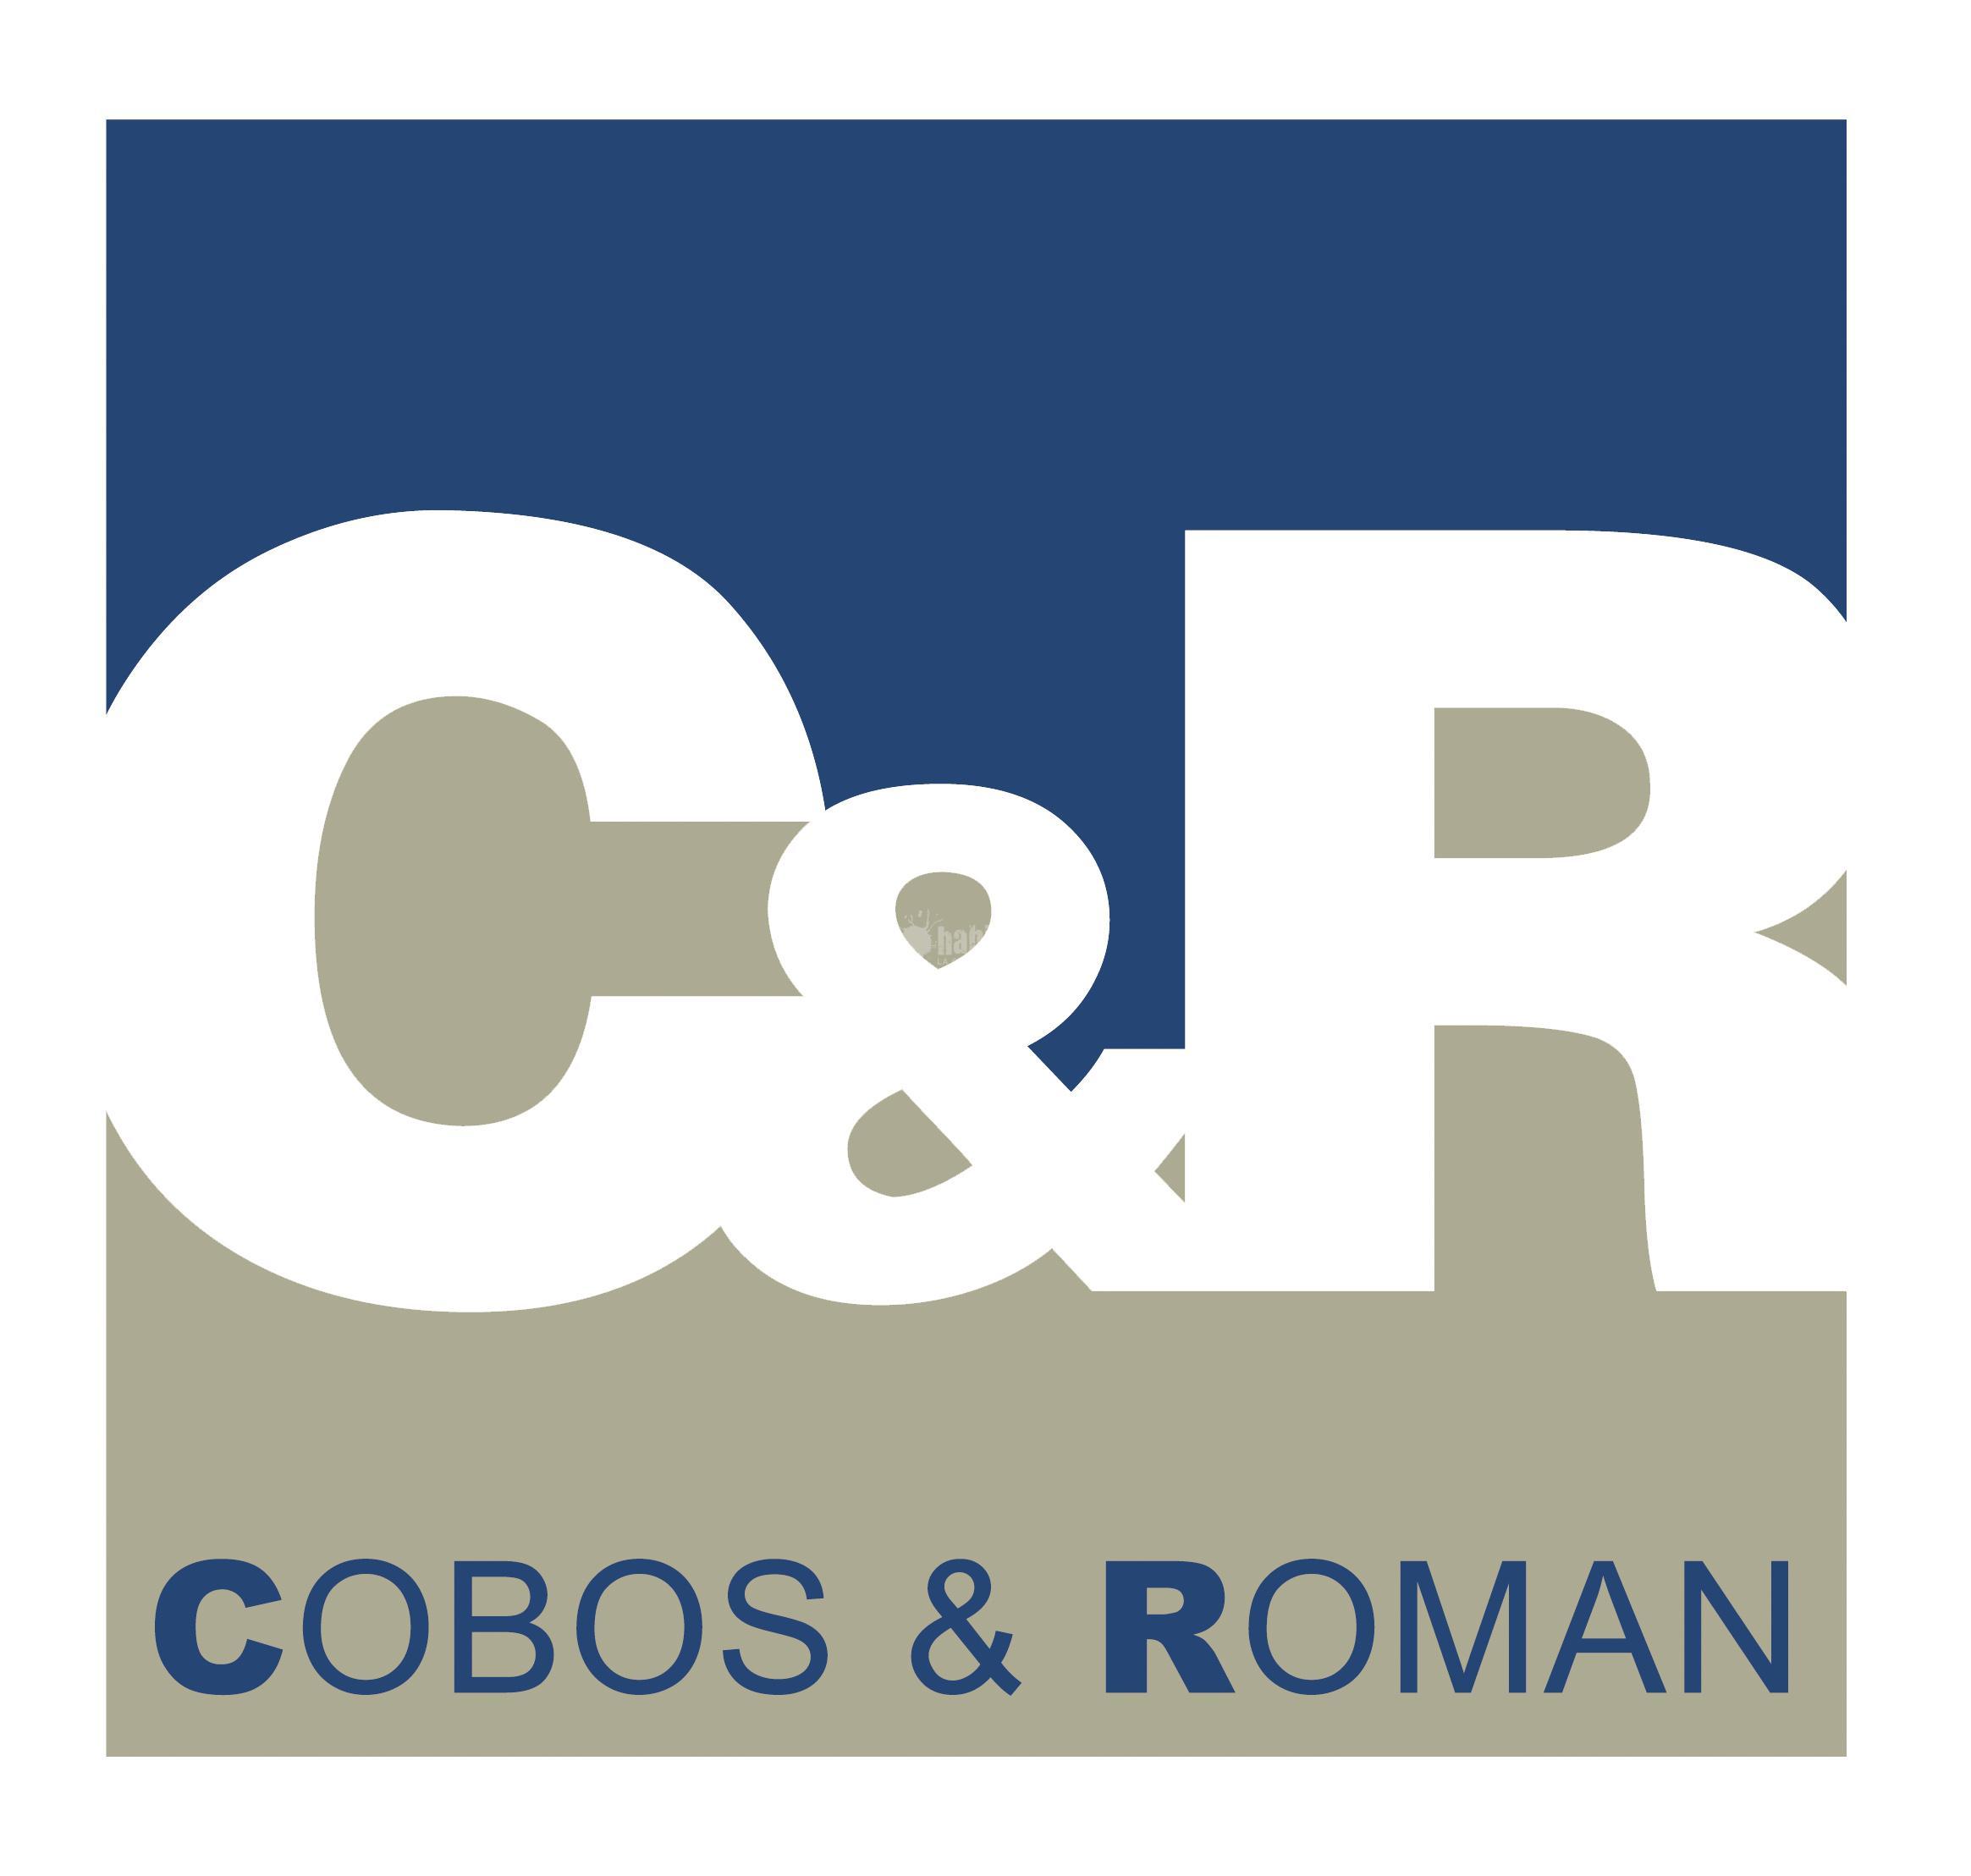 Cobos y Román,  Construcción y Rehabilitación